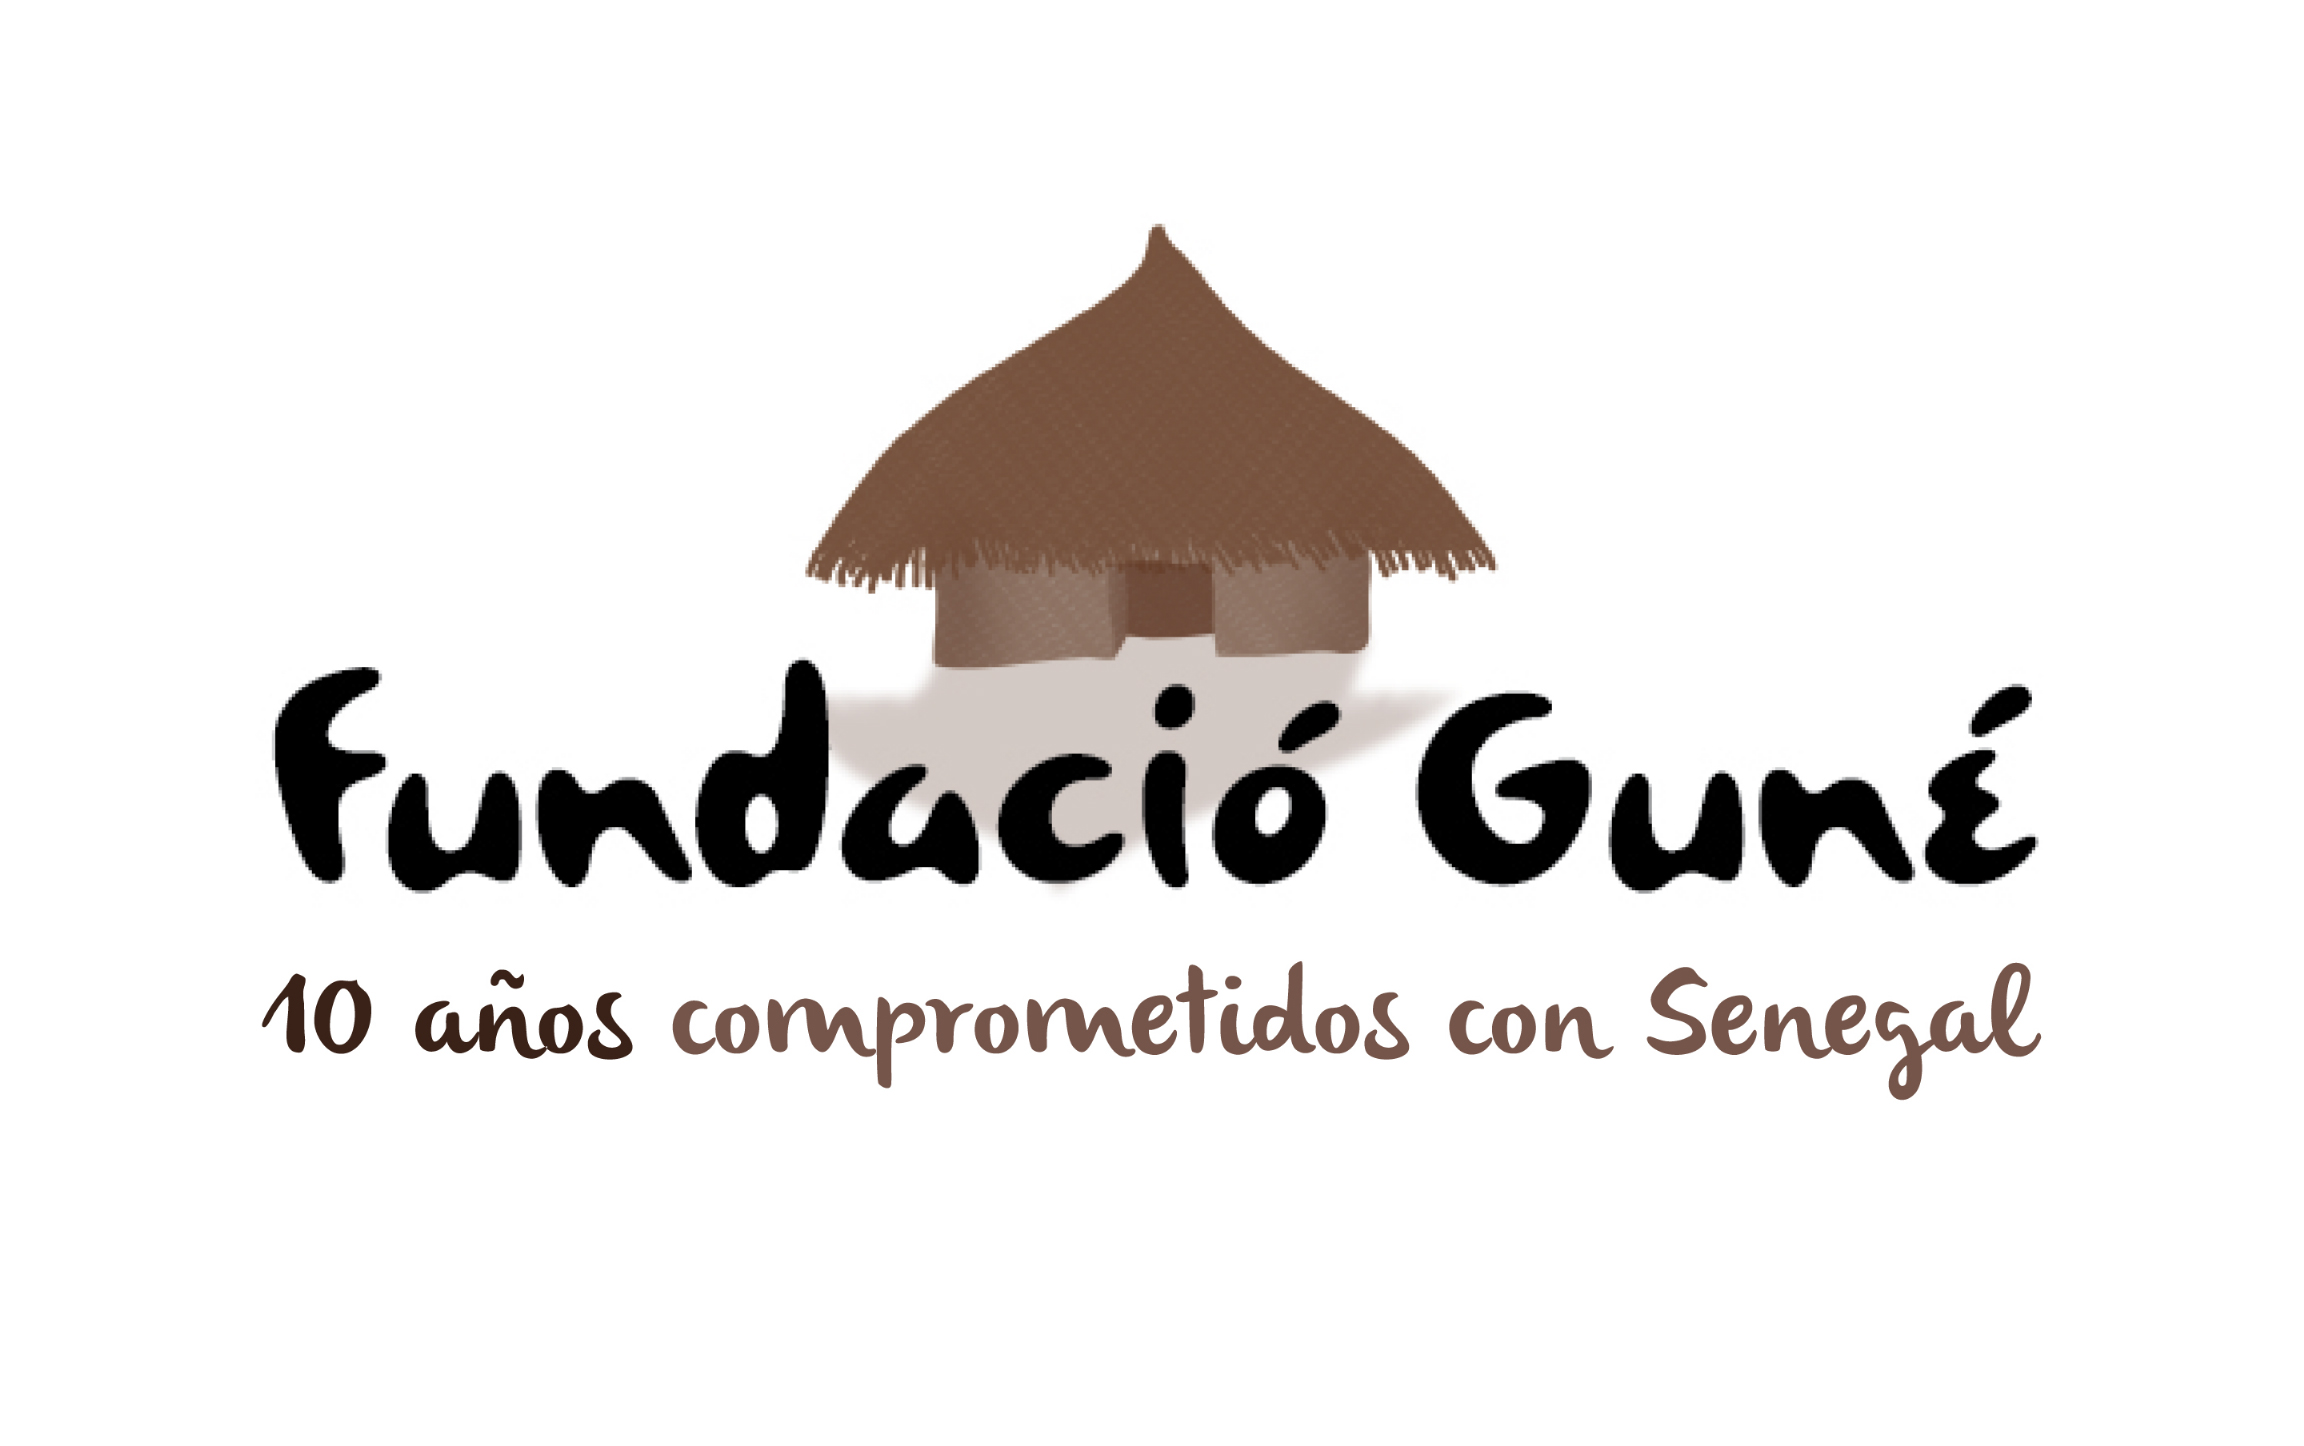 Fundación Guné - imagen destacada